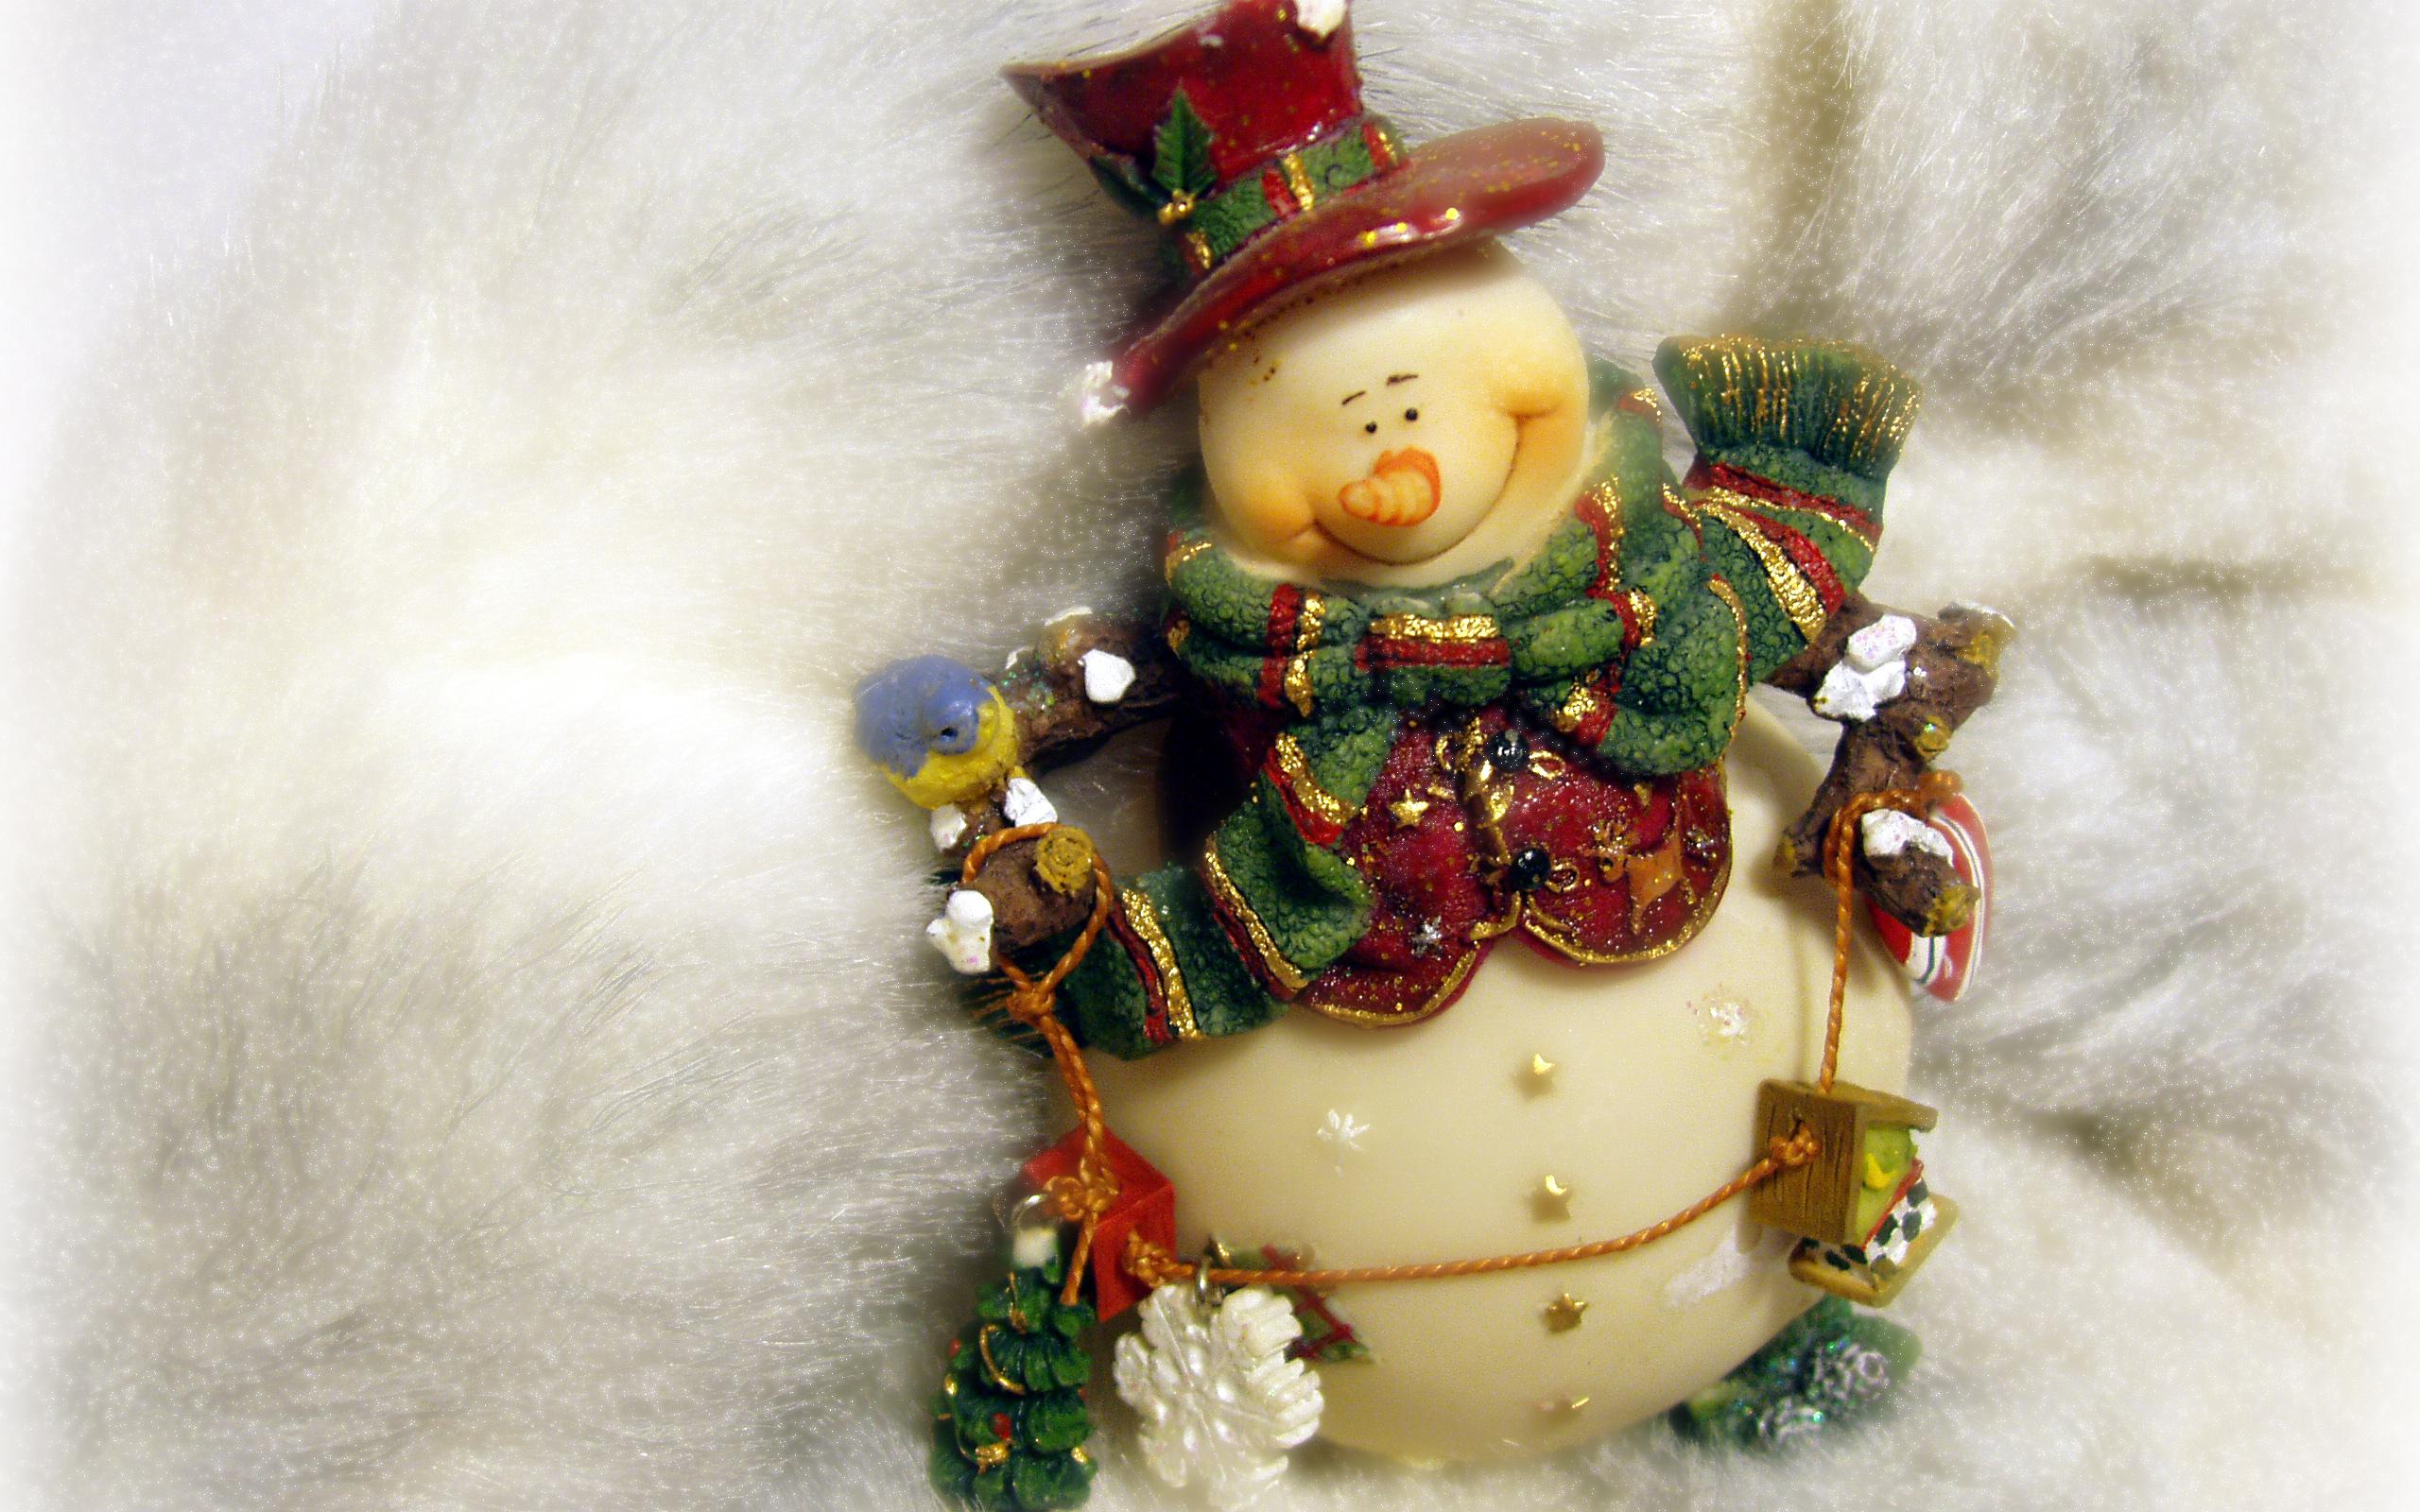 Новогодние снеговики картинки красивые, февраля корабль шаблоном